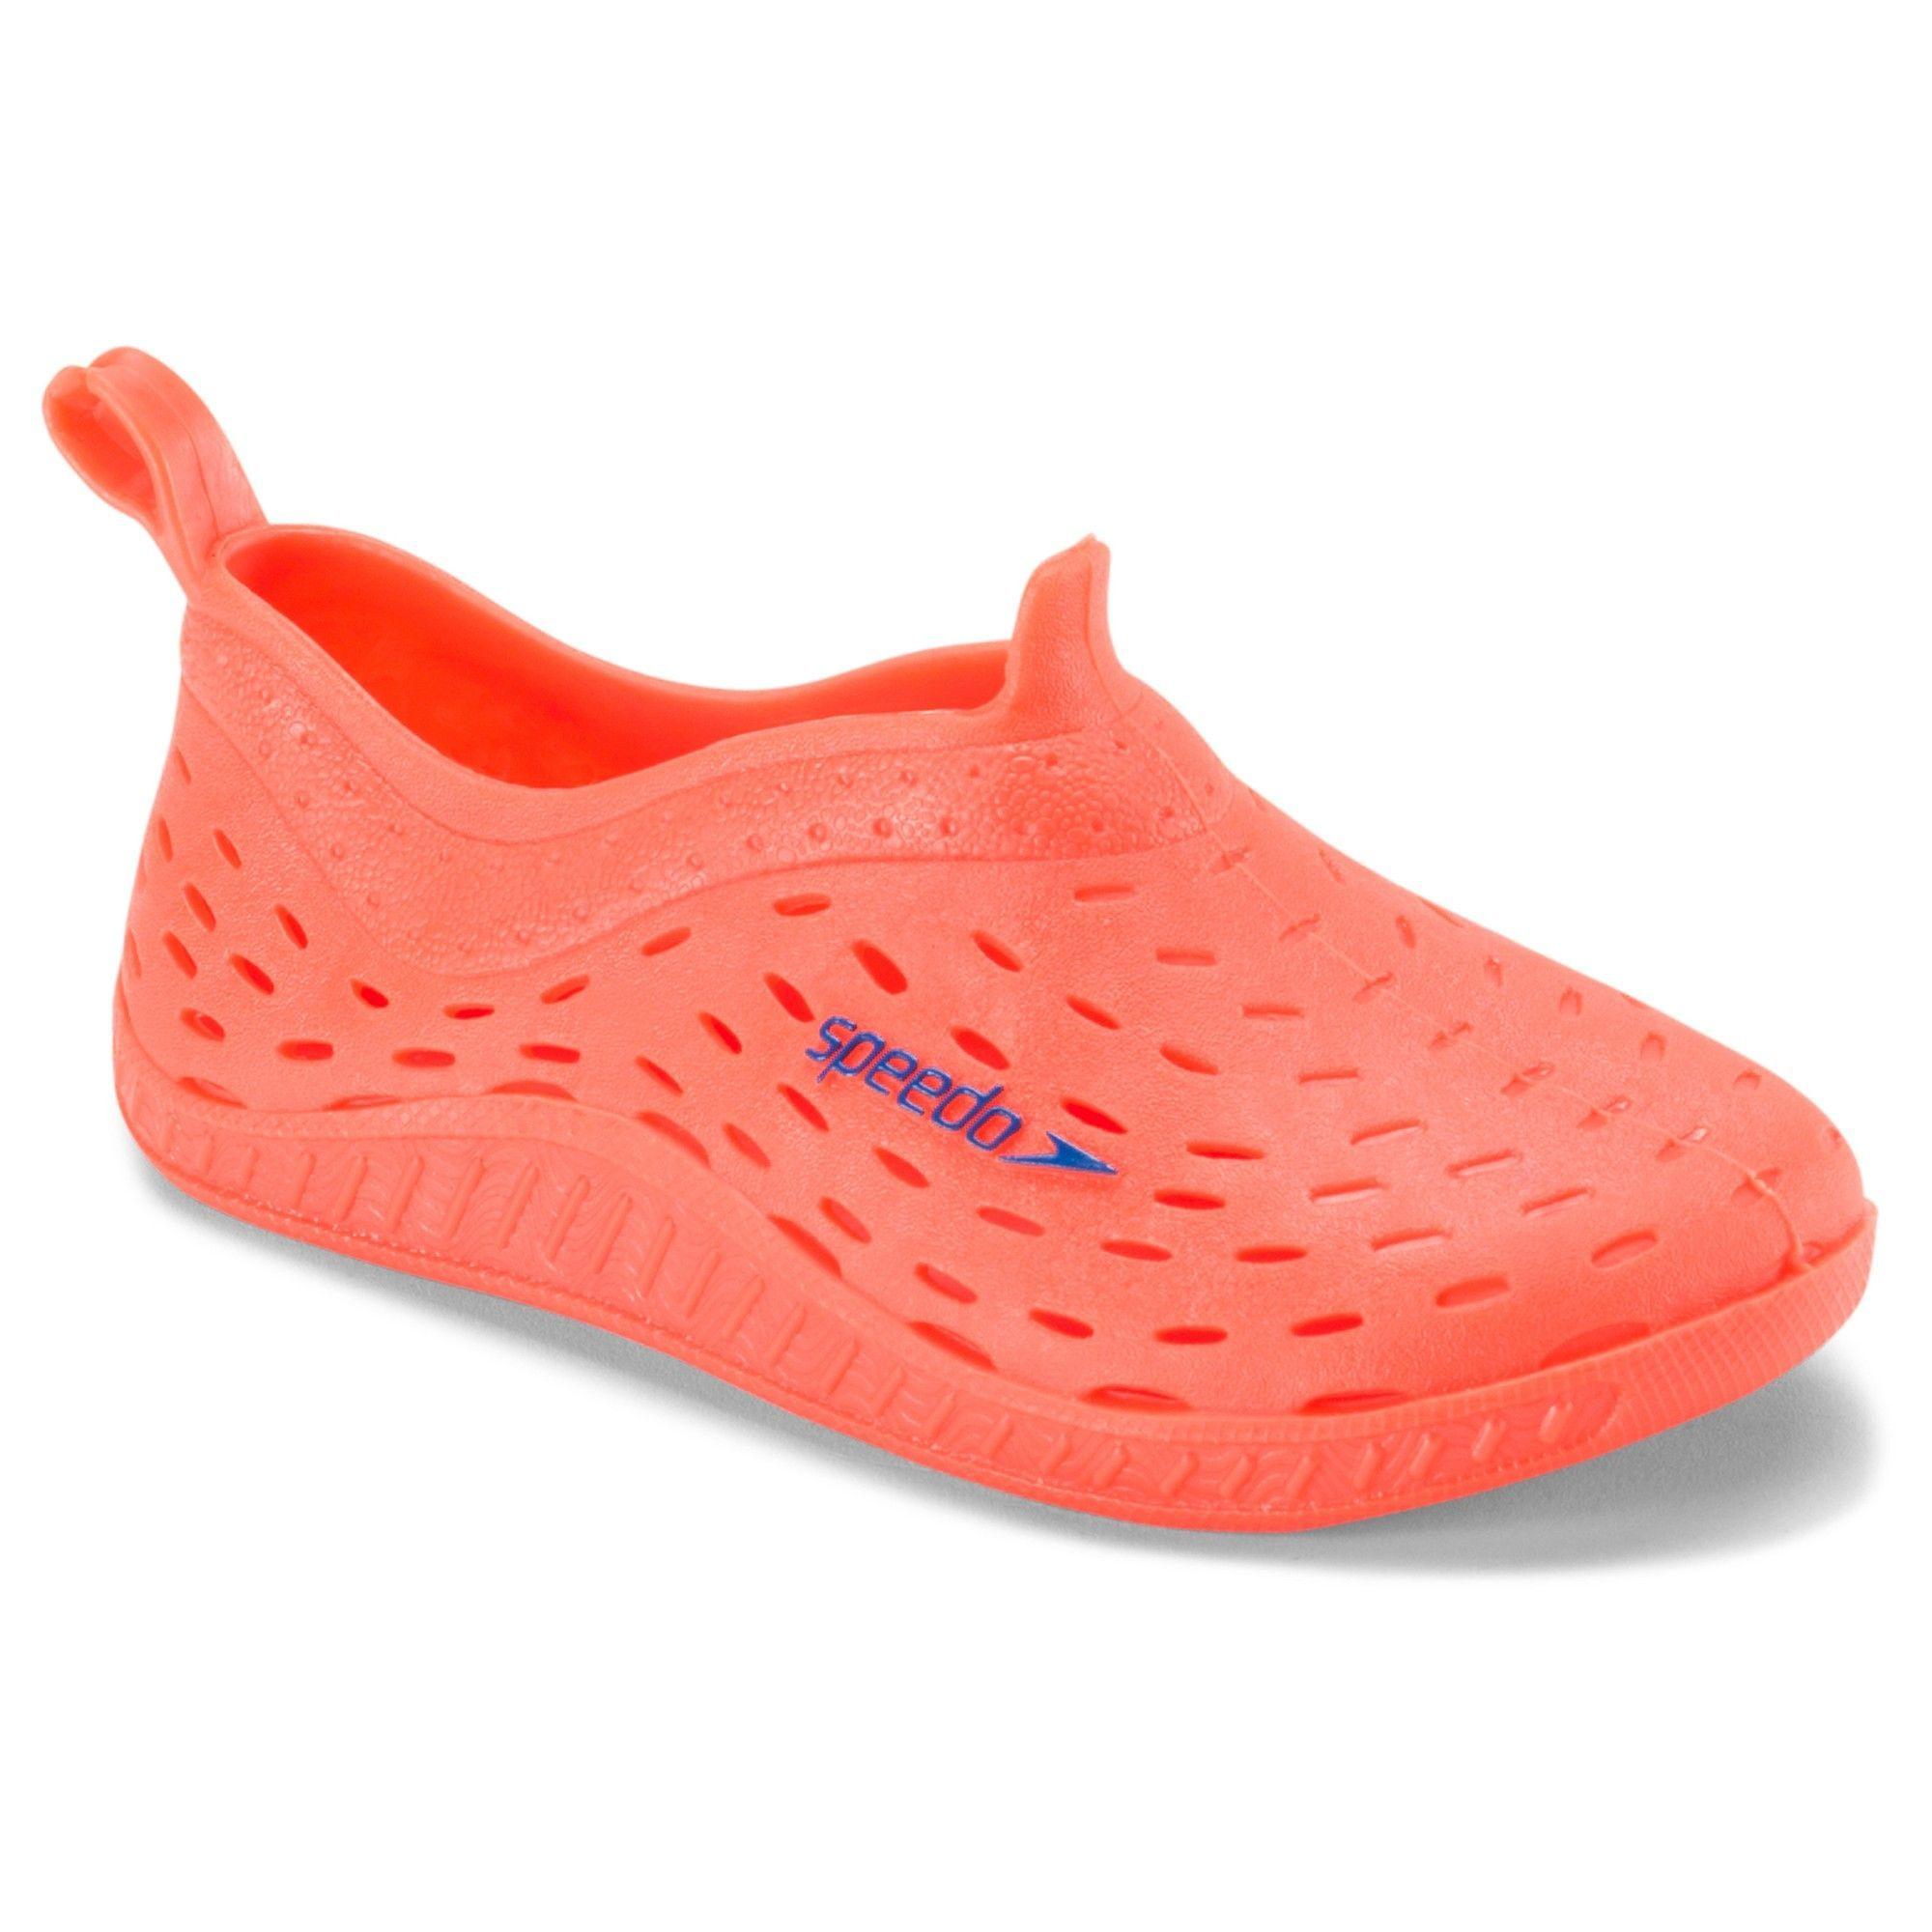 1459896f7212 Speedo Toddler Kids Jellies Water Shoes - Orange (Extra Large)